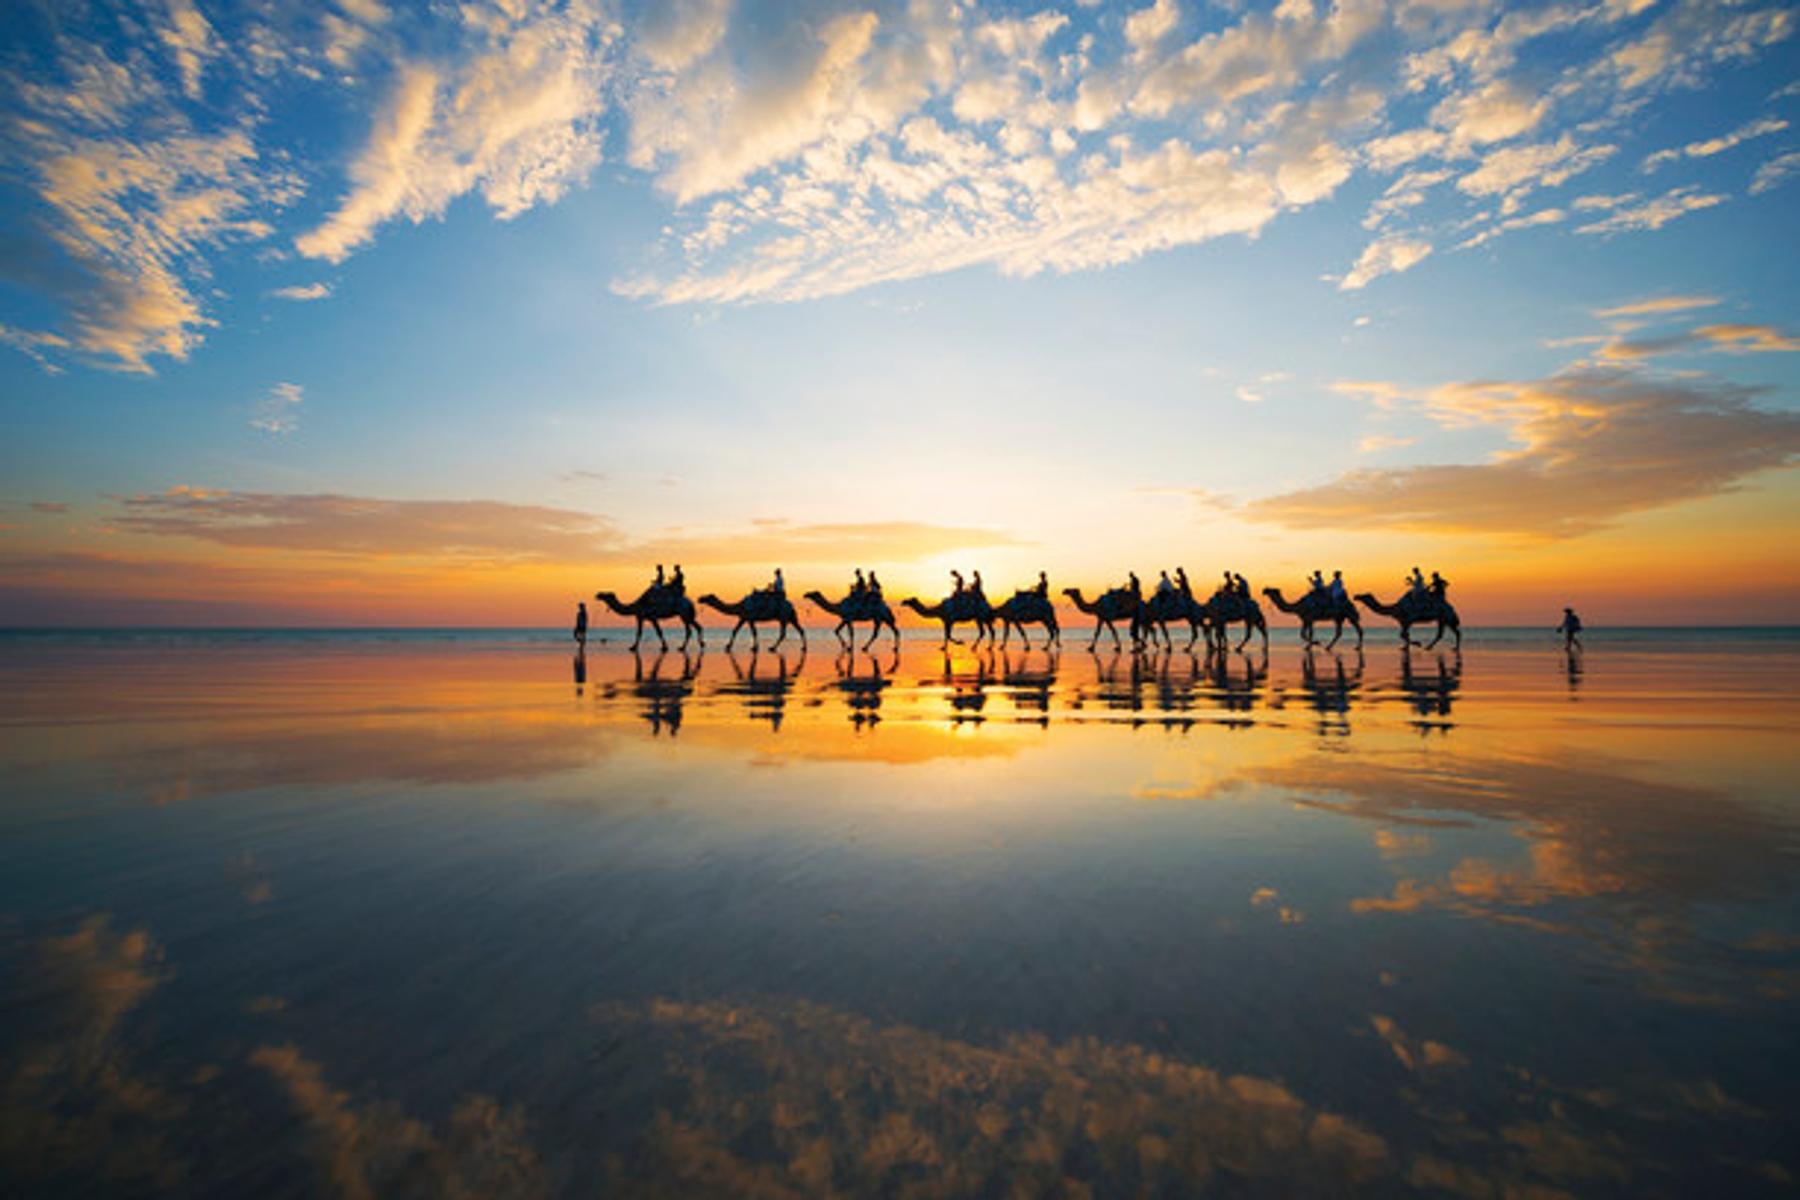 Караван верблюдов на пляже в Западной Австралии